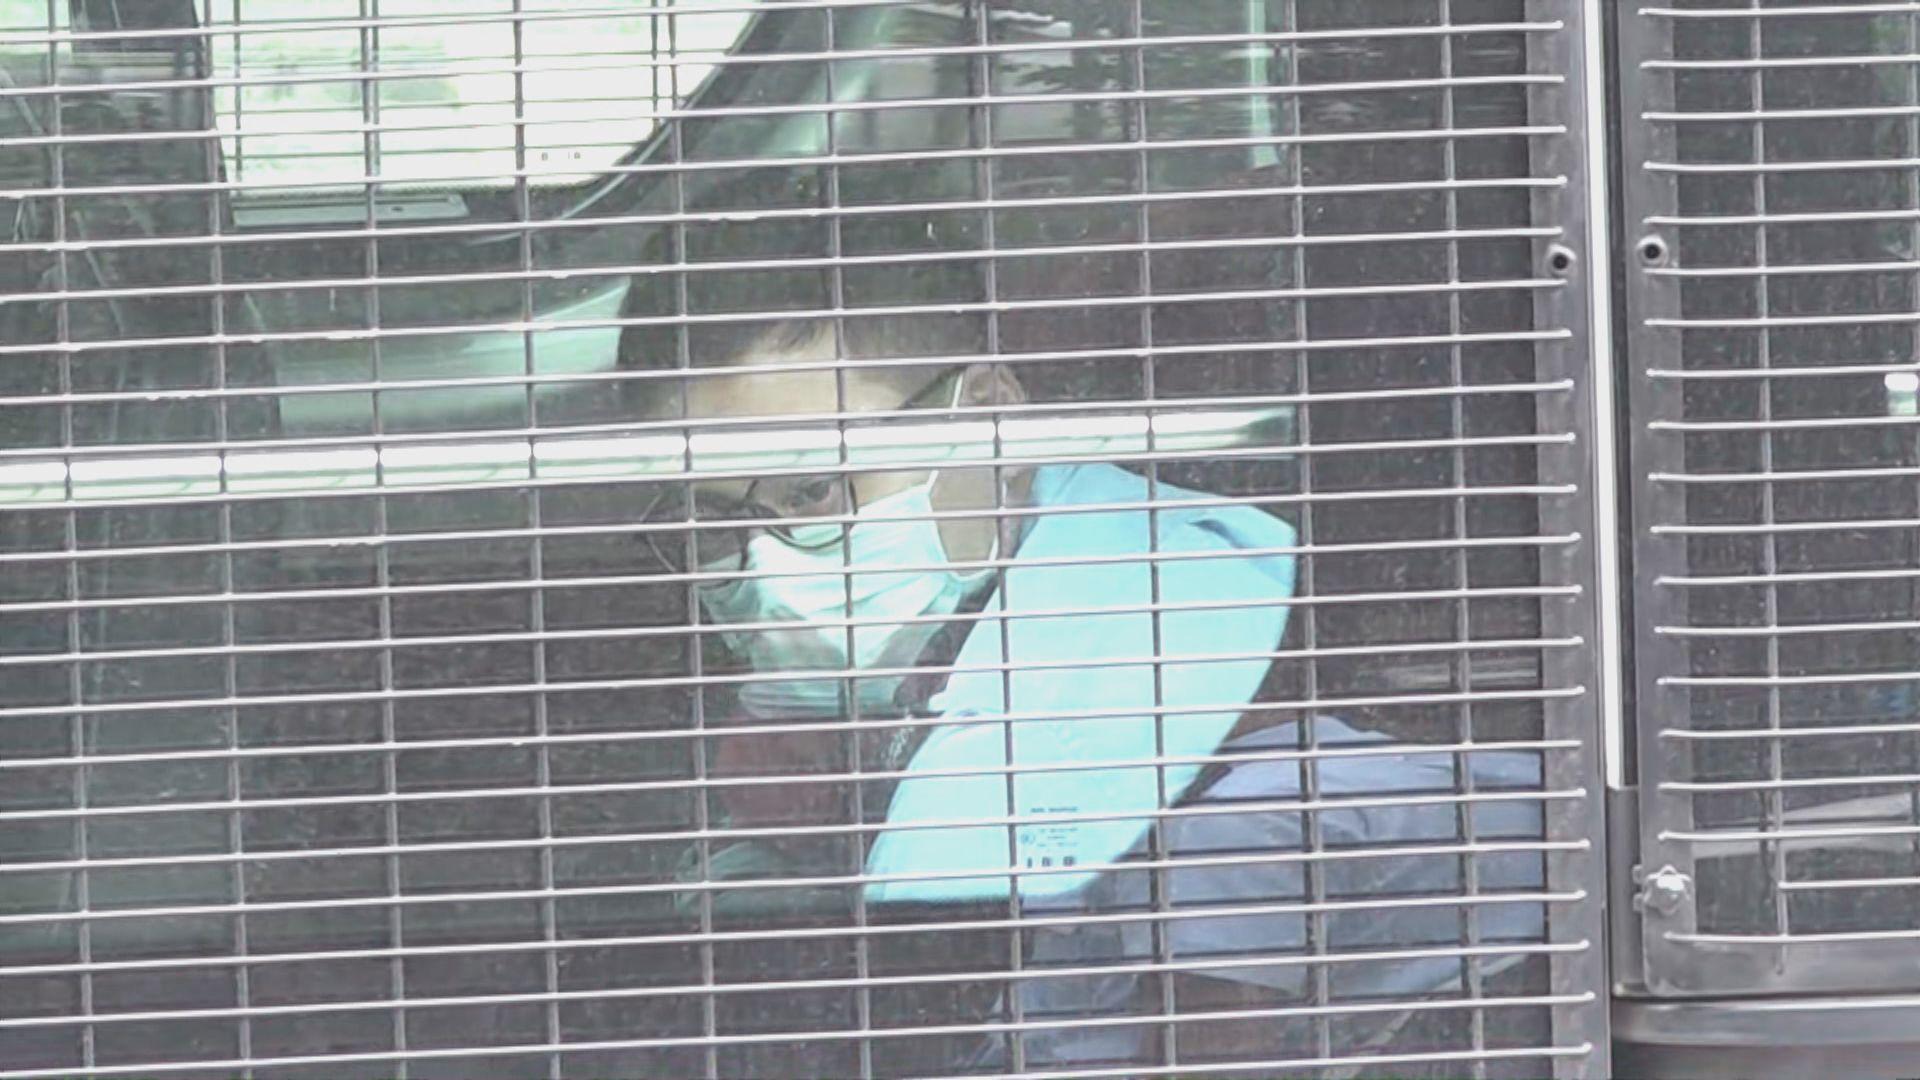 荃灣一名男子涉嫌販毒被捕